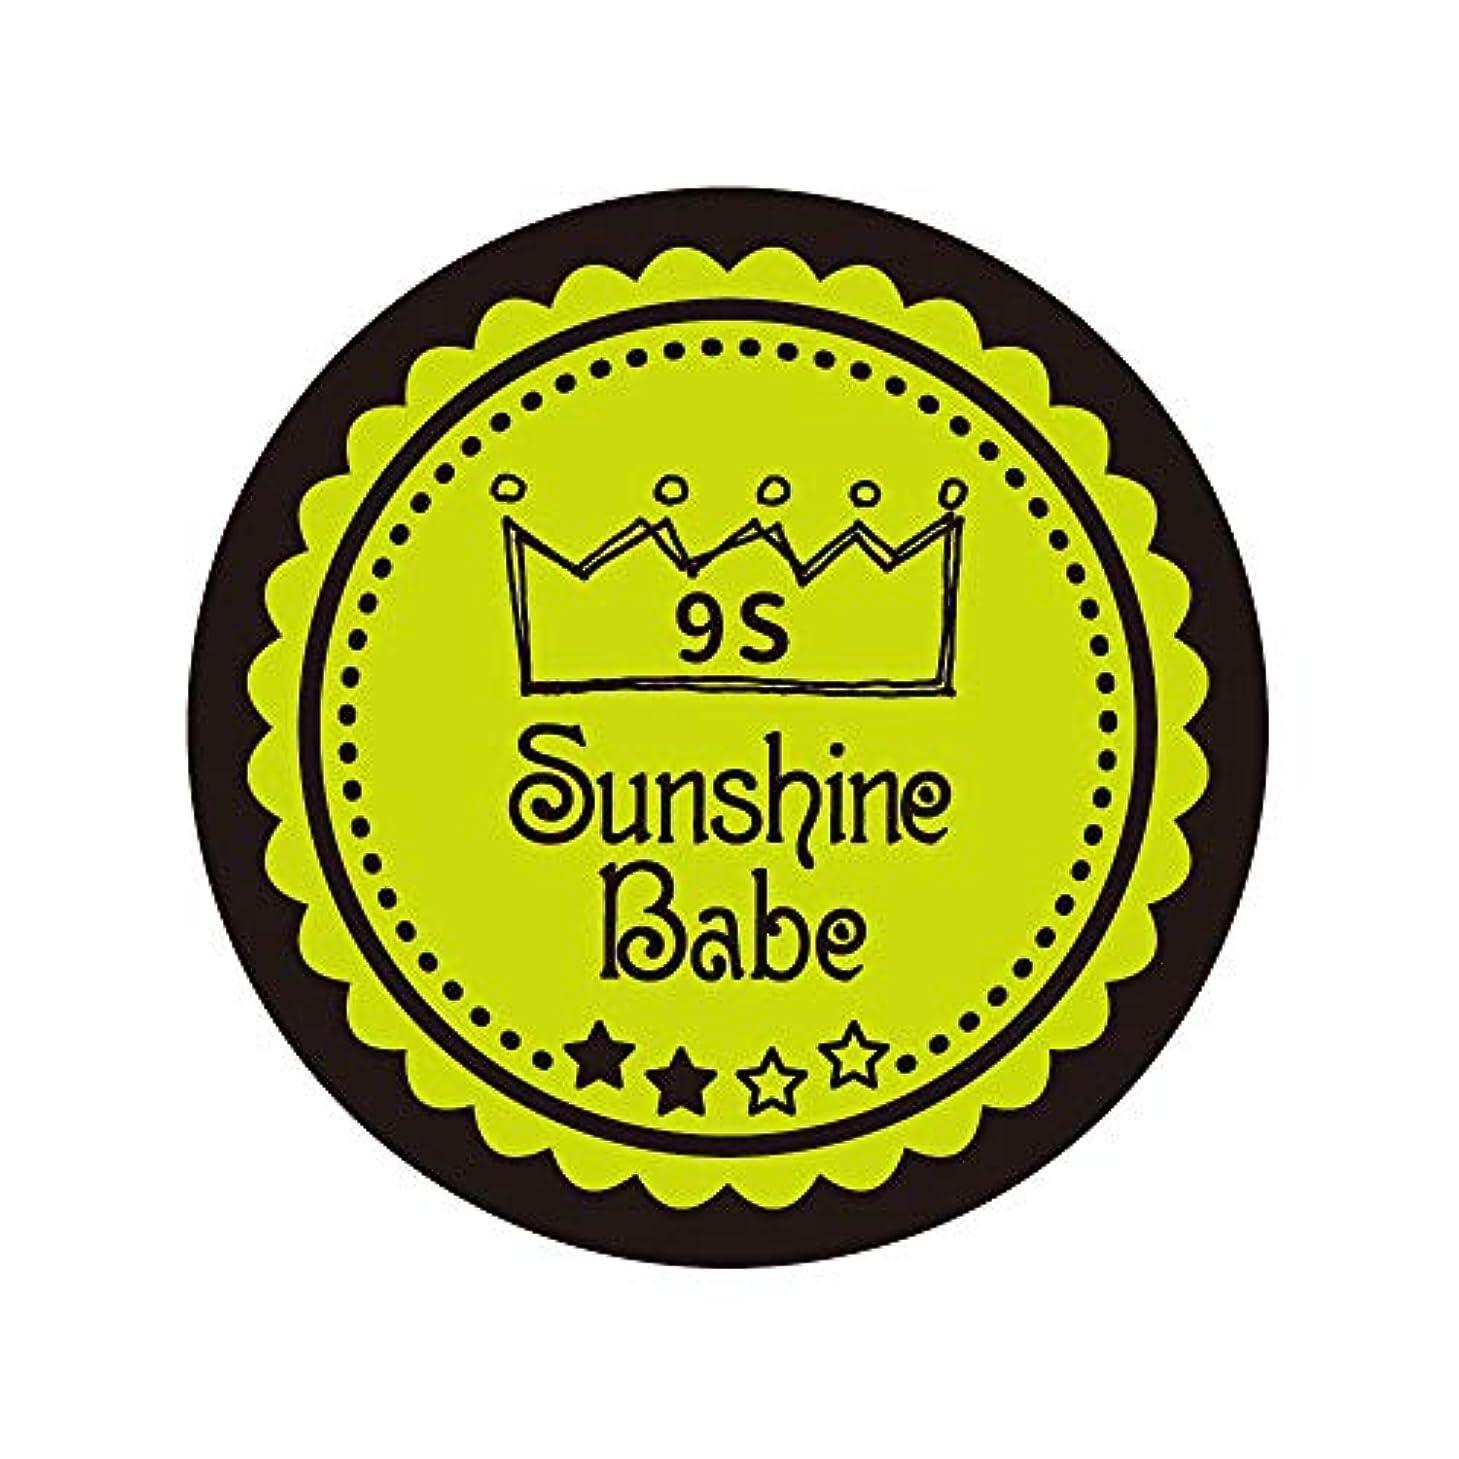 受信銛ルーSunshine Babe カラージェル 9S ライムパンチ 2.7g UV/LED対応